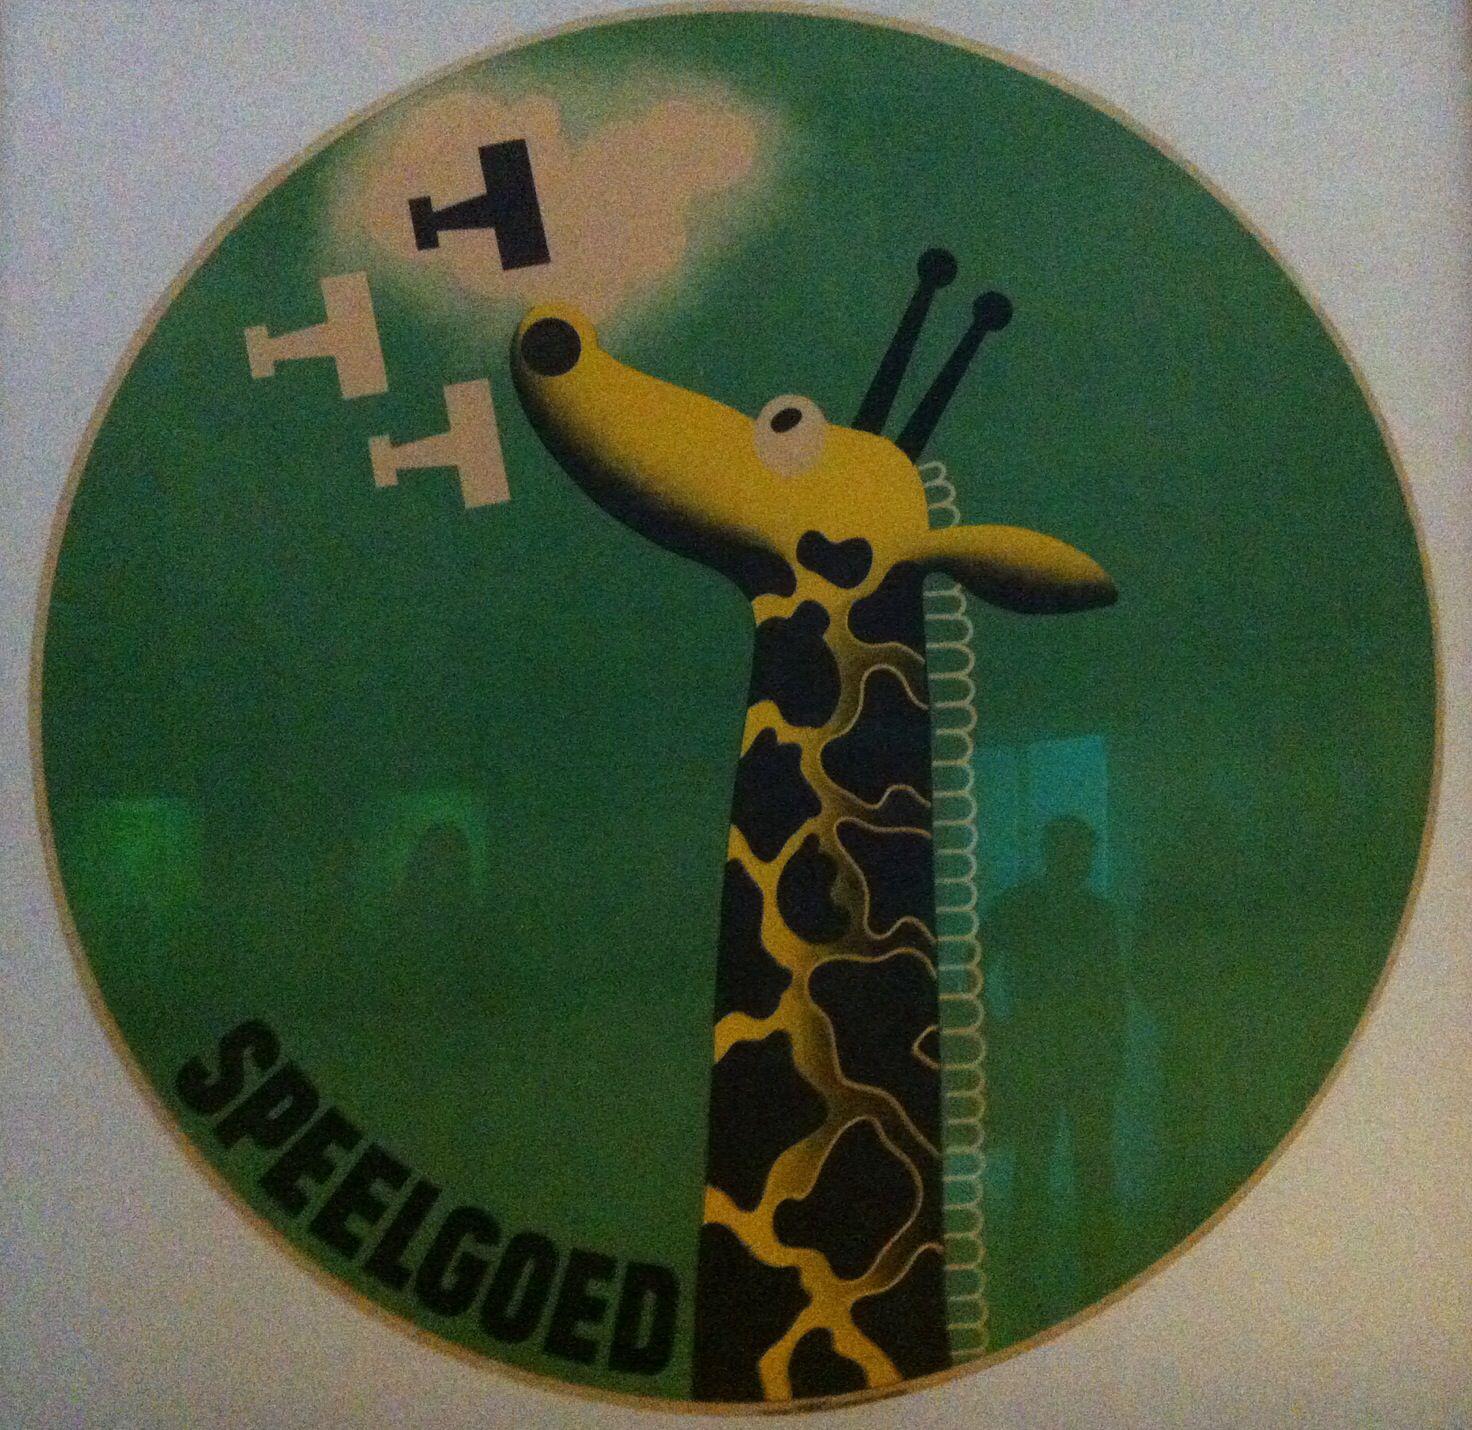 Fascinado por el arte de Herge. Igual que Warhol se dedicó también al marketing. Bueno, me quedo con Andy pero en el museo de Lovain la Neuve he encontrado estas piezas muy chulas hoy.